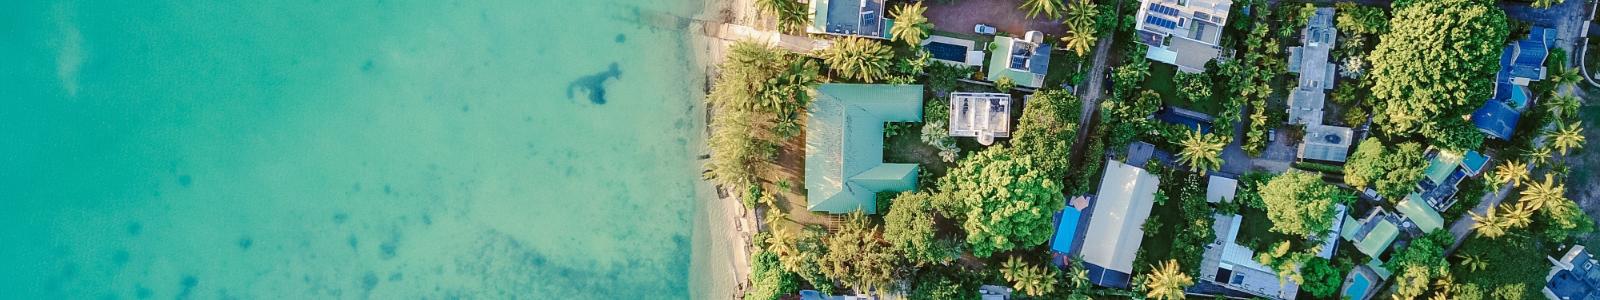 aerial view of houses near beach